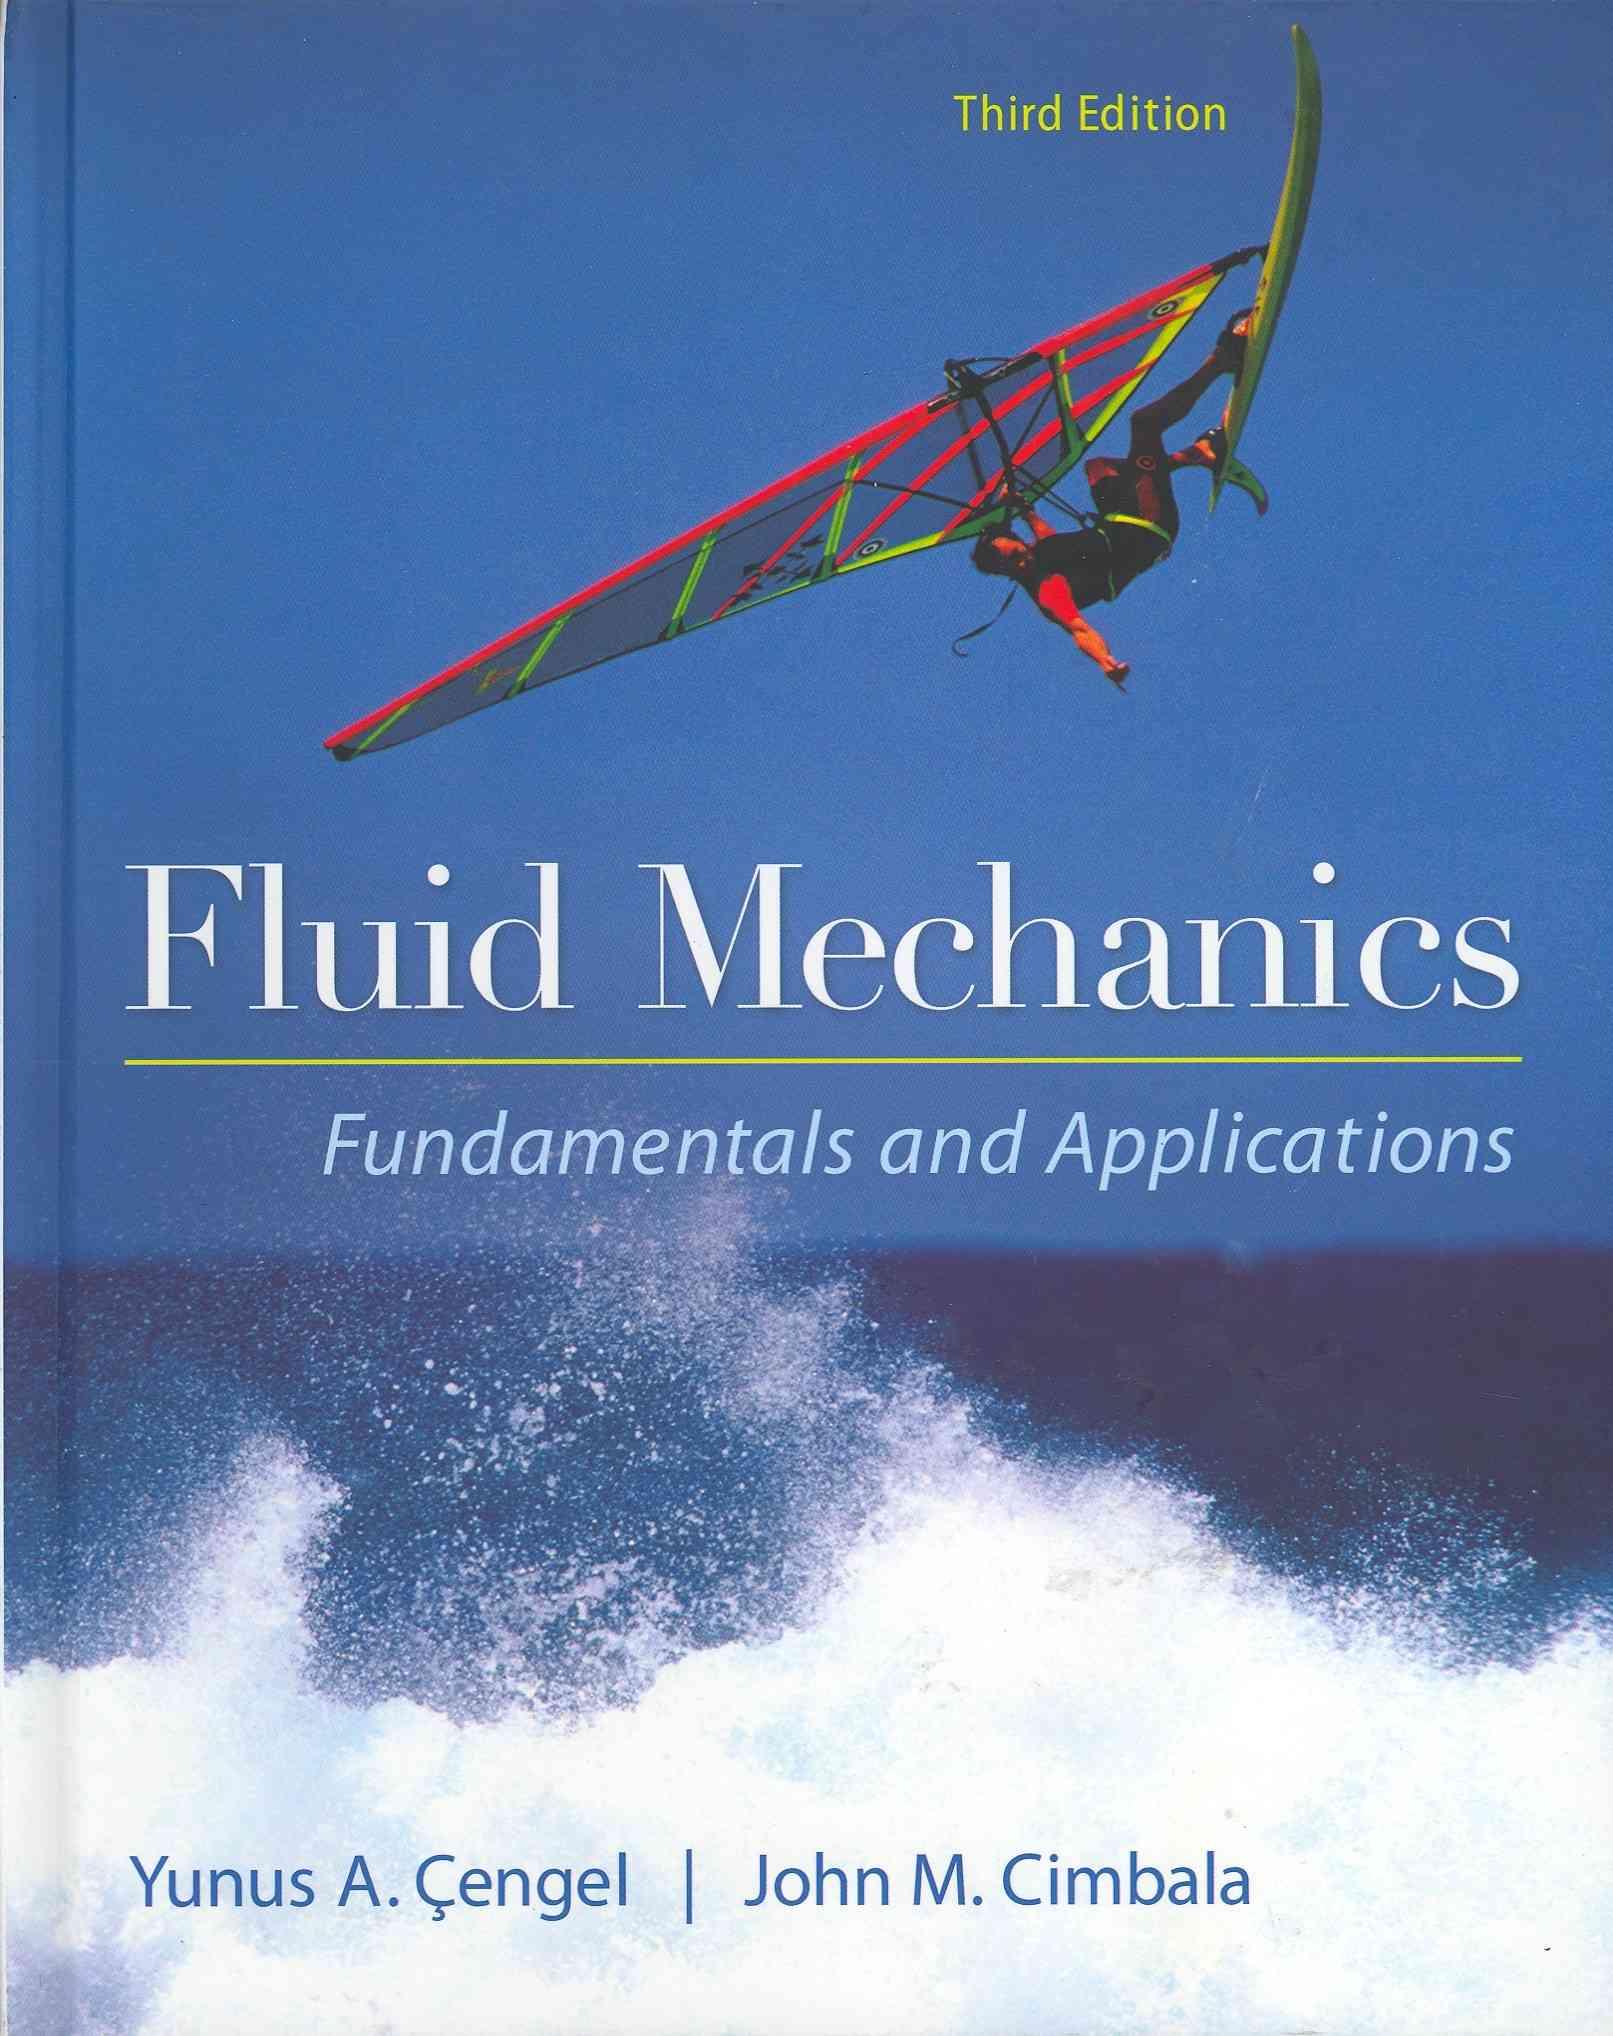 Fluid Mechanics By Cengel, Yunus/ Cimbala, John